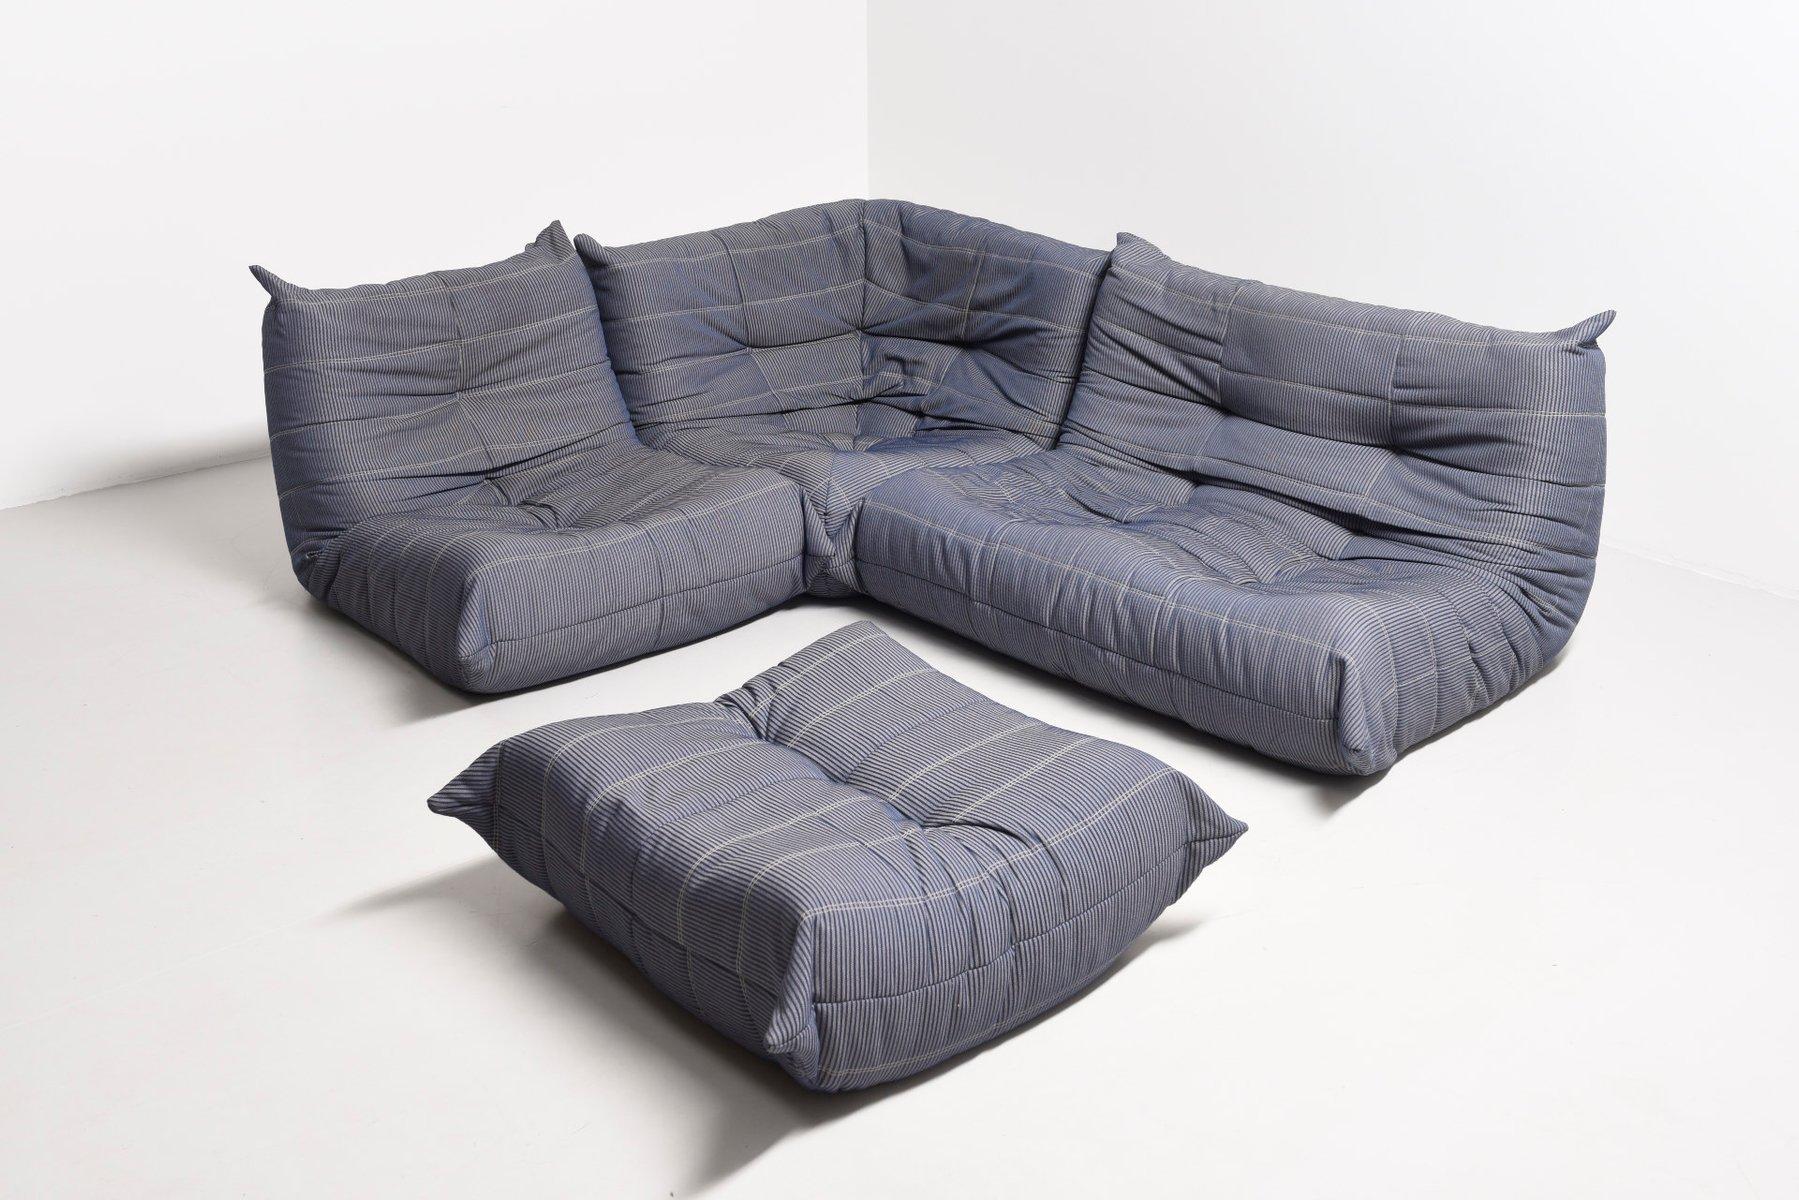 mobilier de salon togo par michel ducaroy pour ligne roset 1985 en vente sur pamono. Black Bedroom Furniture Sets. Home Design Ideas